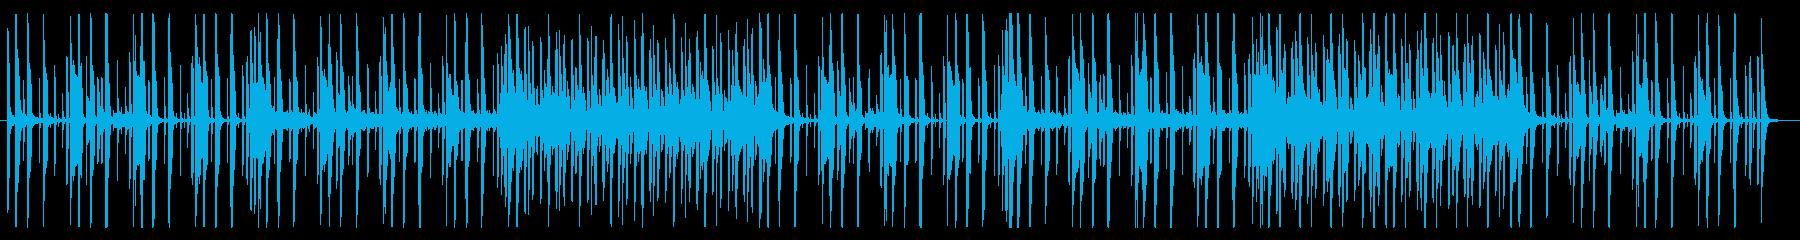 洗練されたミニマルなピアノポップの再生済みの波形